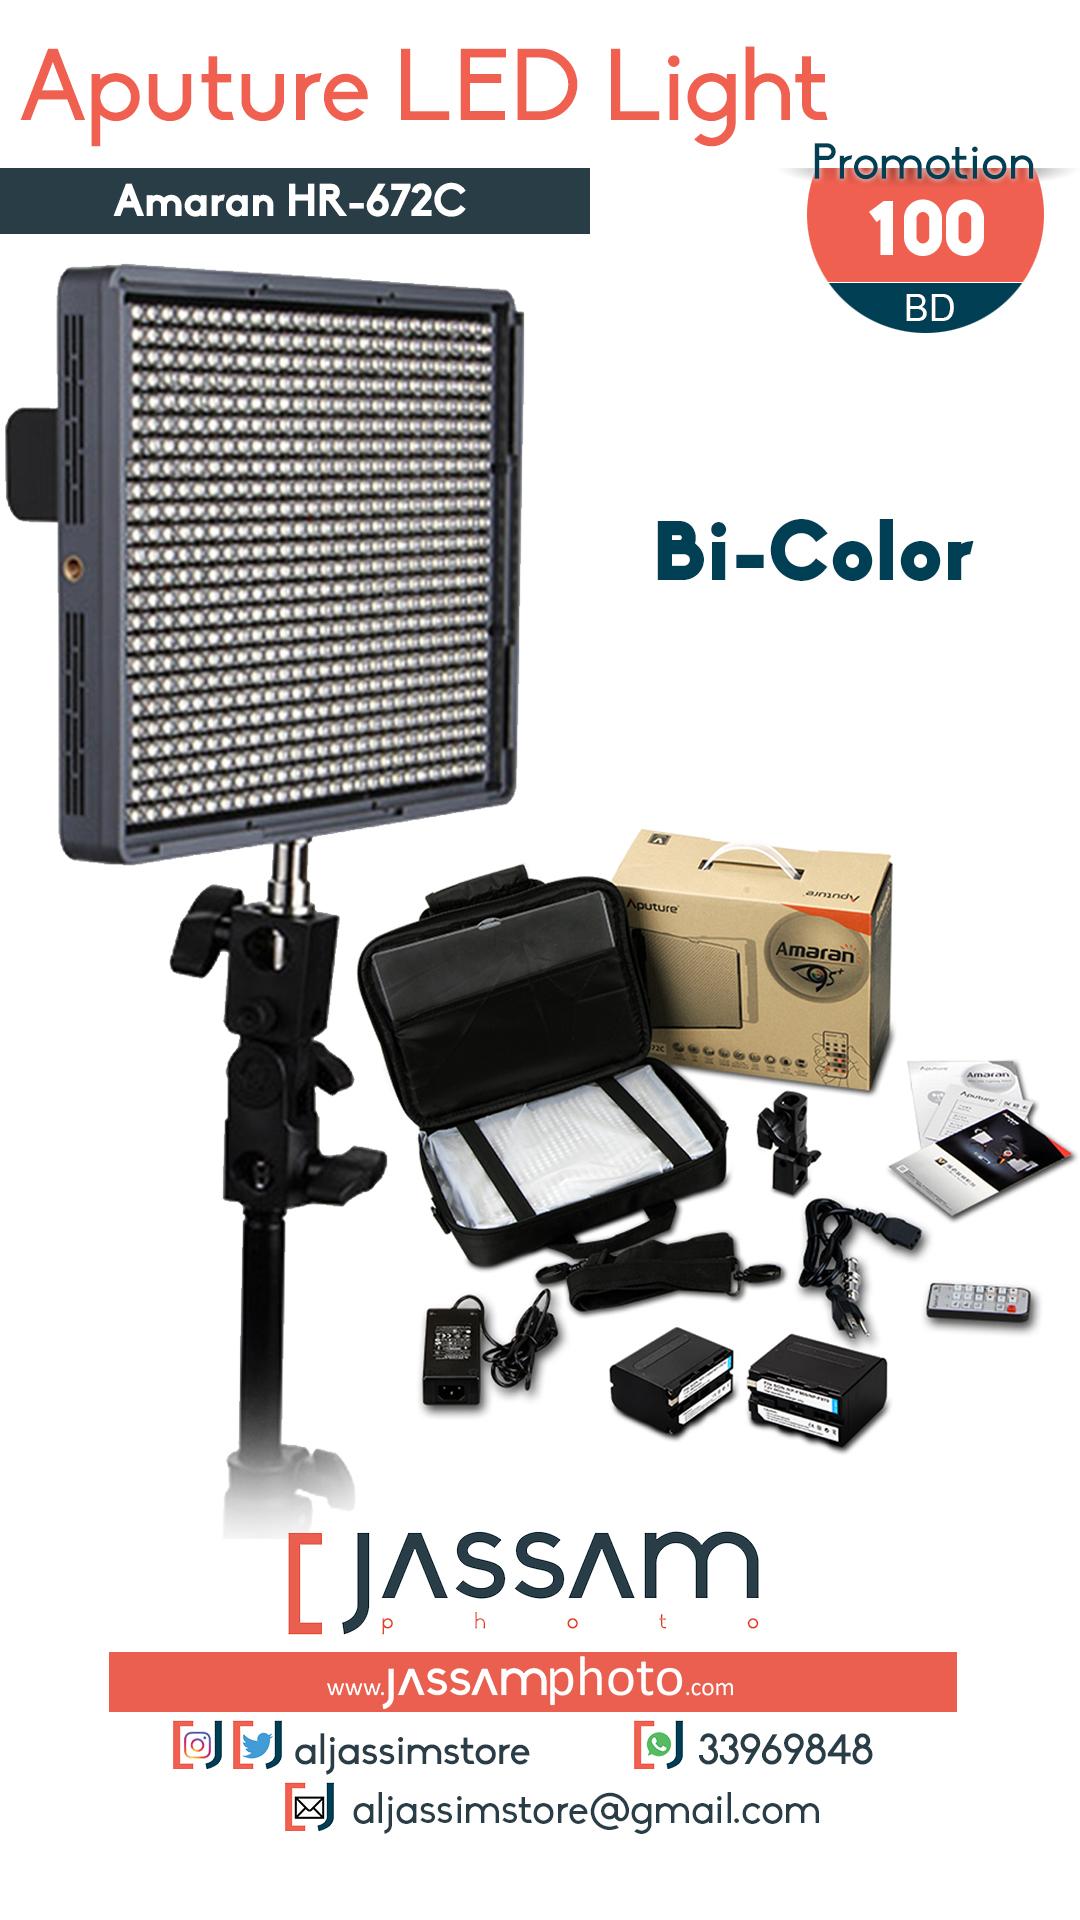 Aputure LED HR-672C